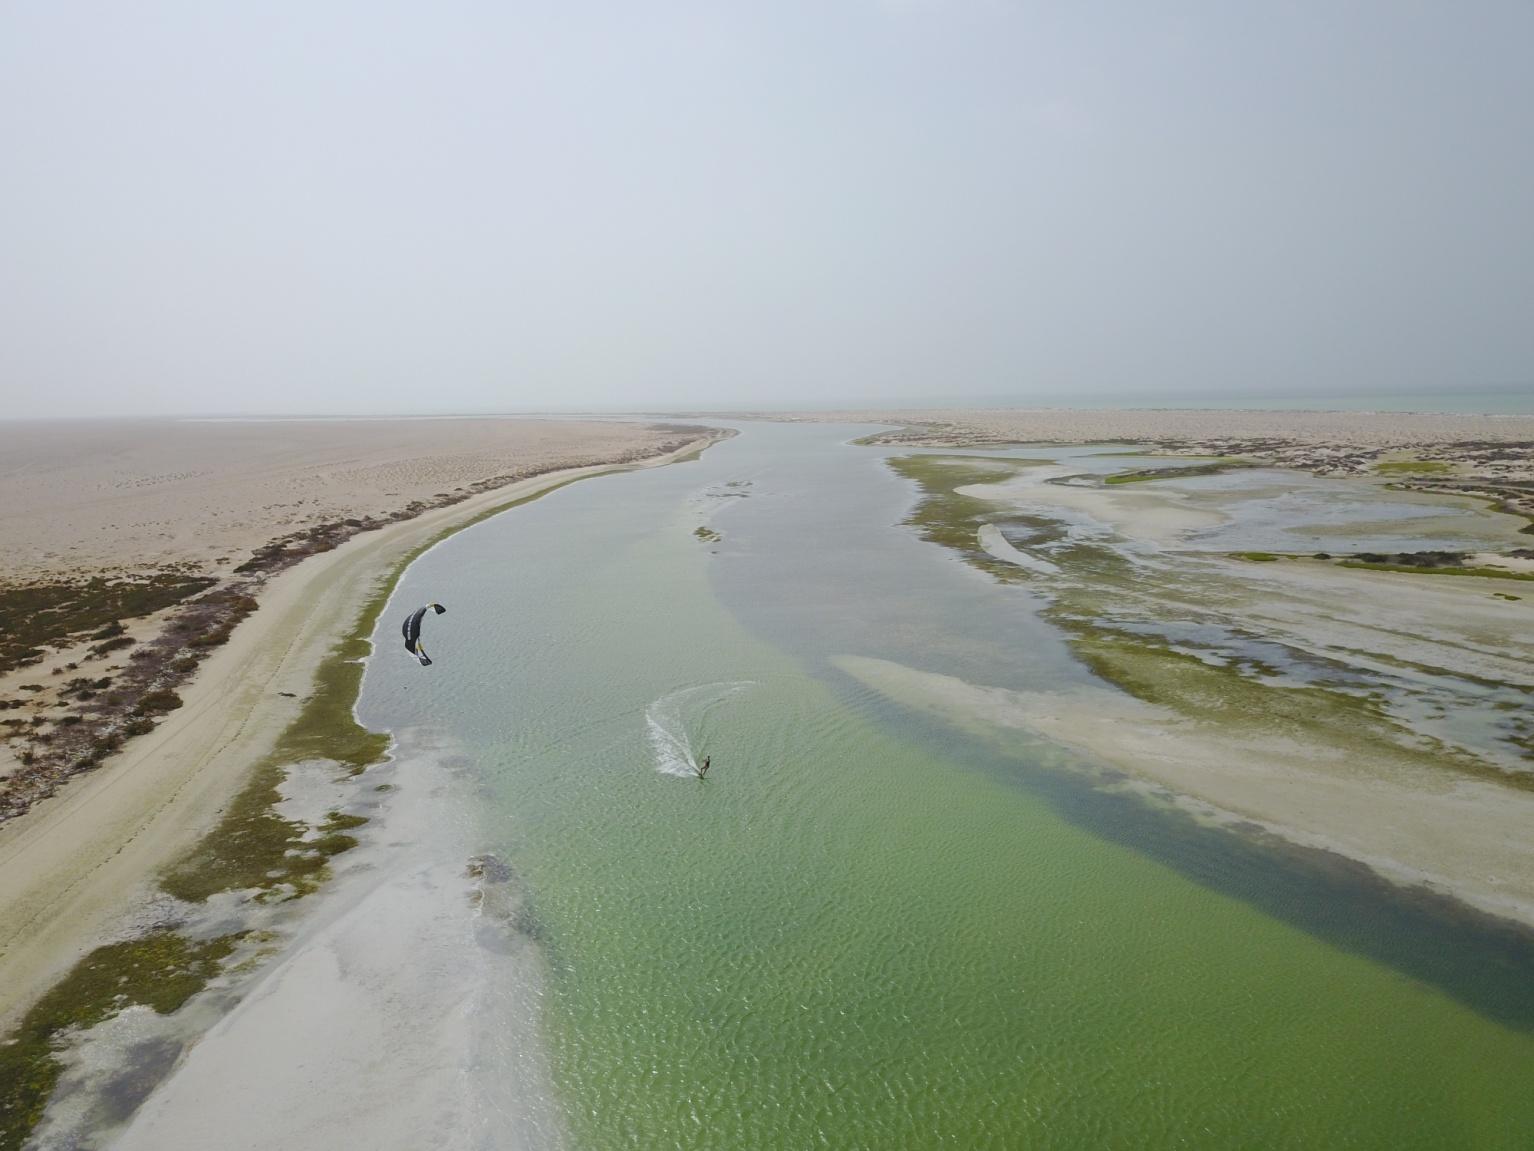 Le spot inexploré du kite - Oman